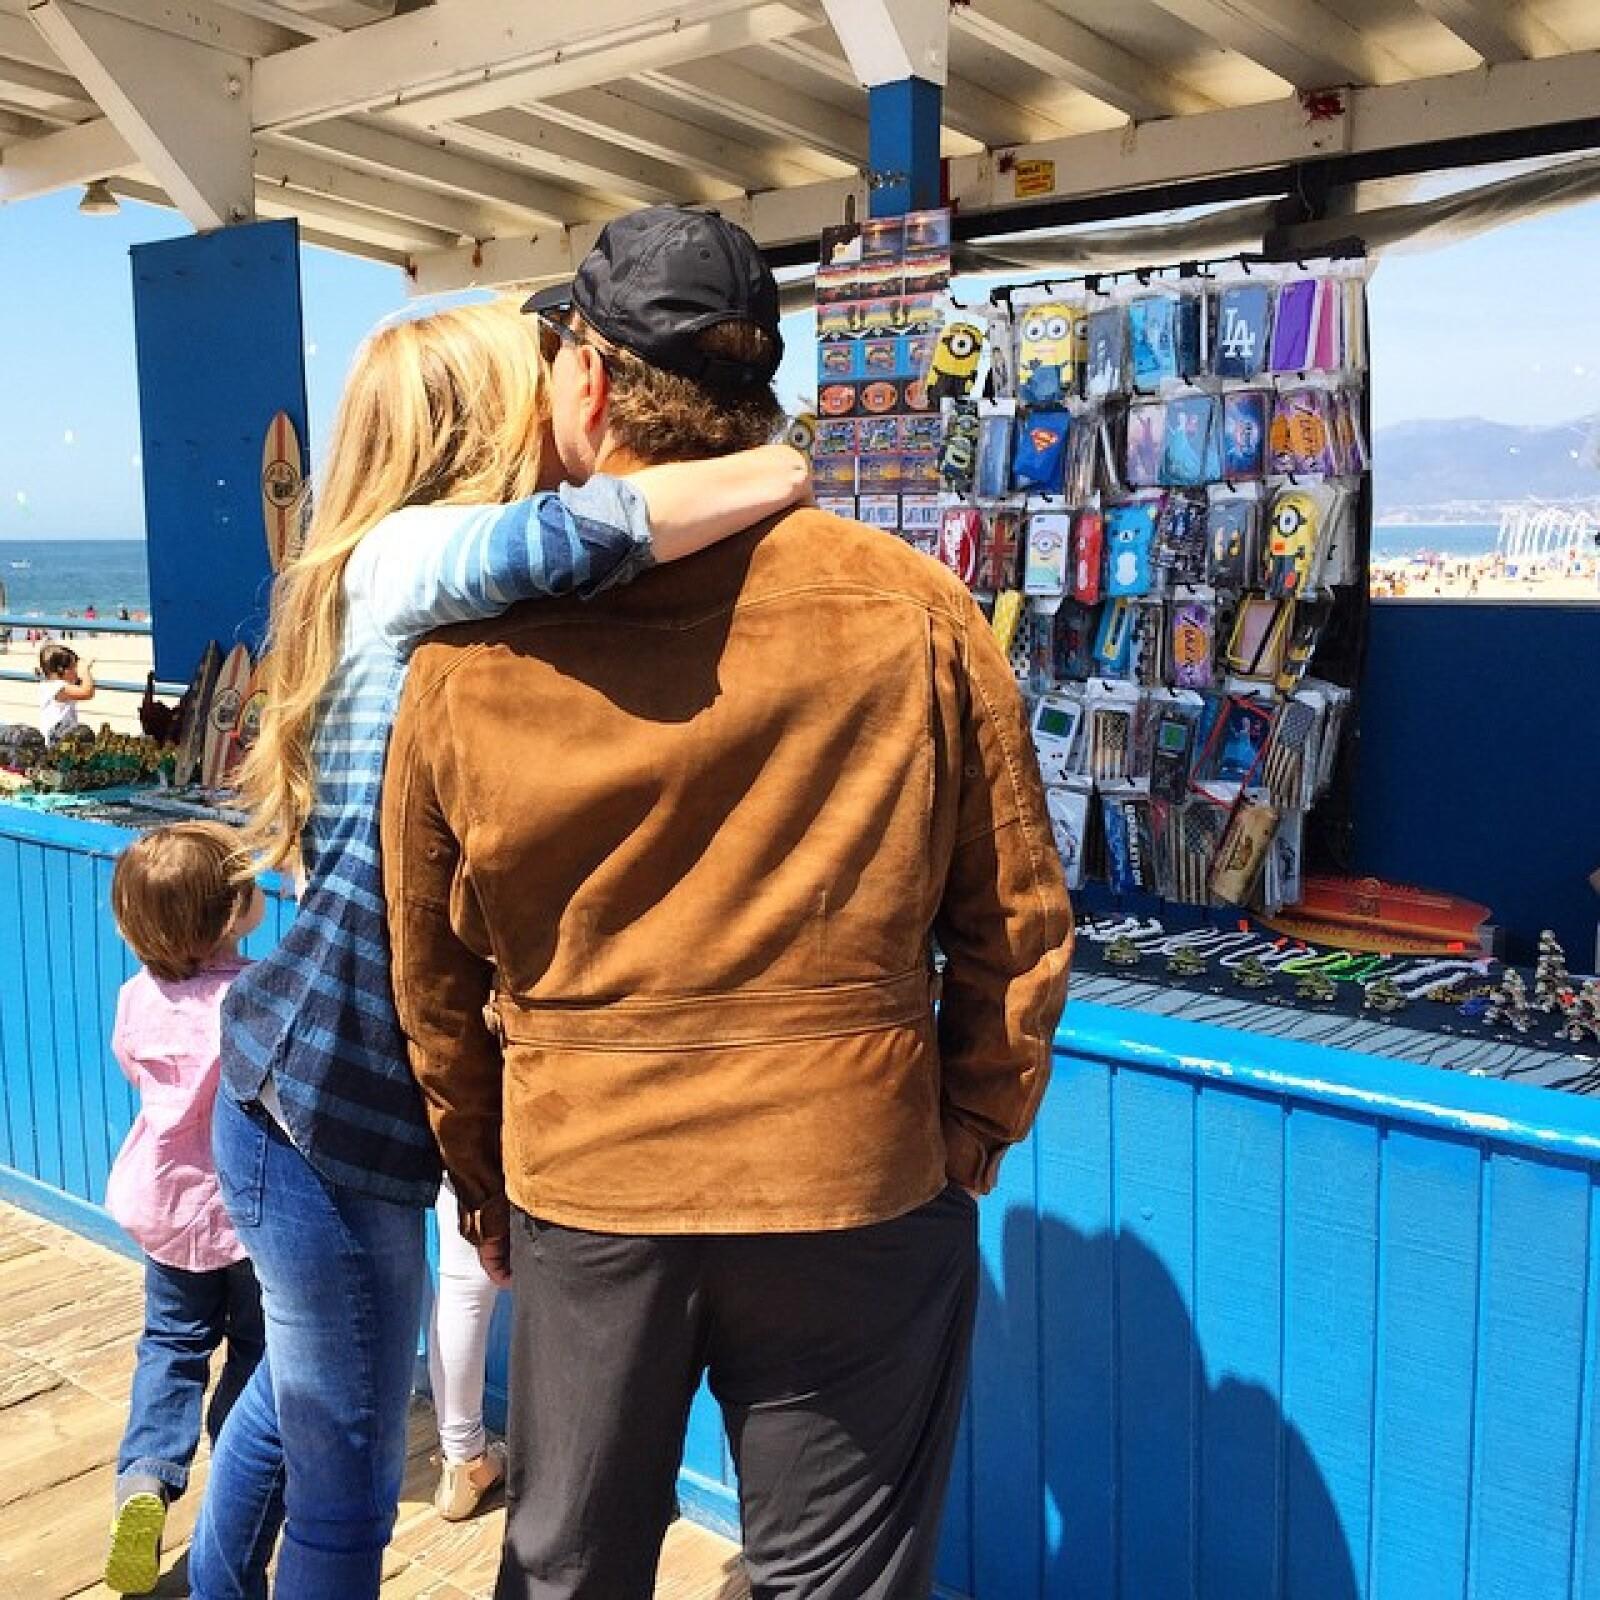 Thalía y Tommy Mottola habían decidido mantener su vida más en privado por la seguridad de sus hijos.